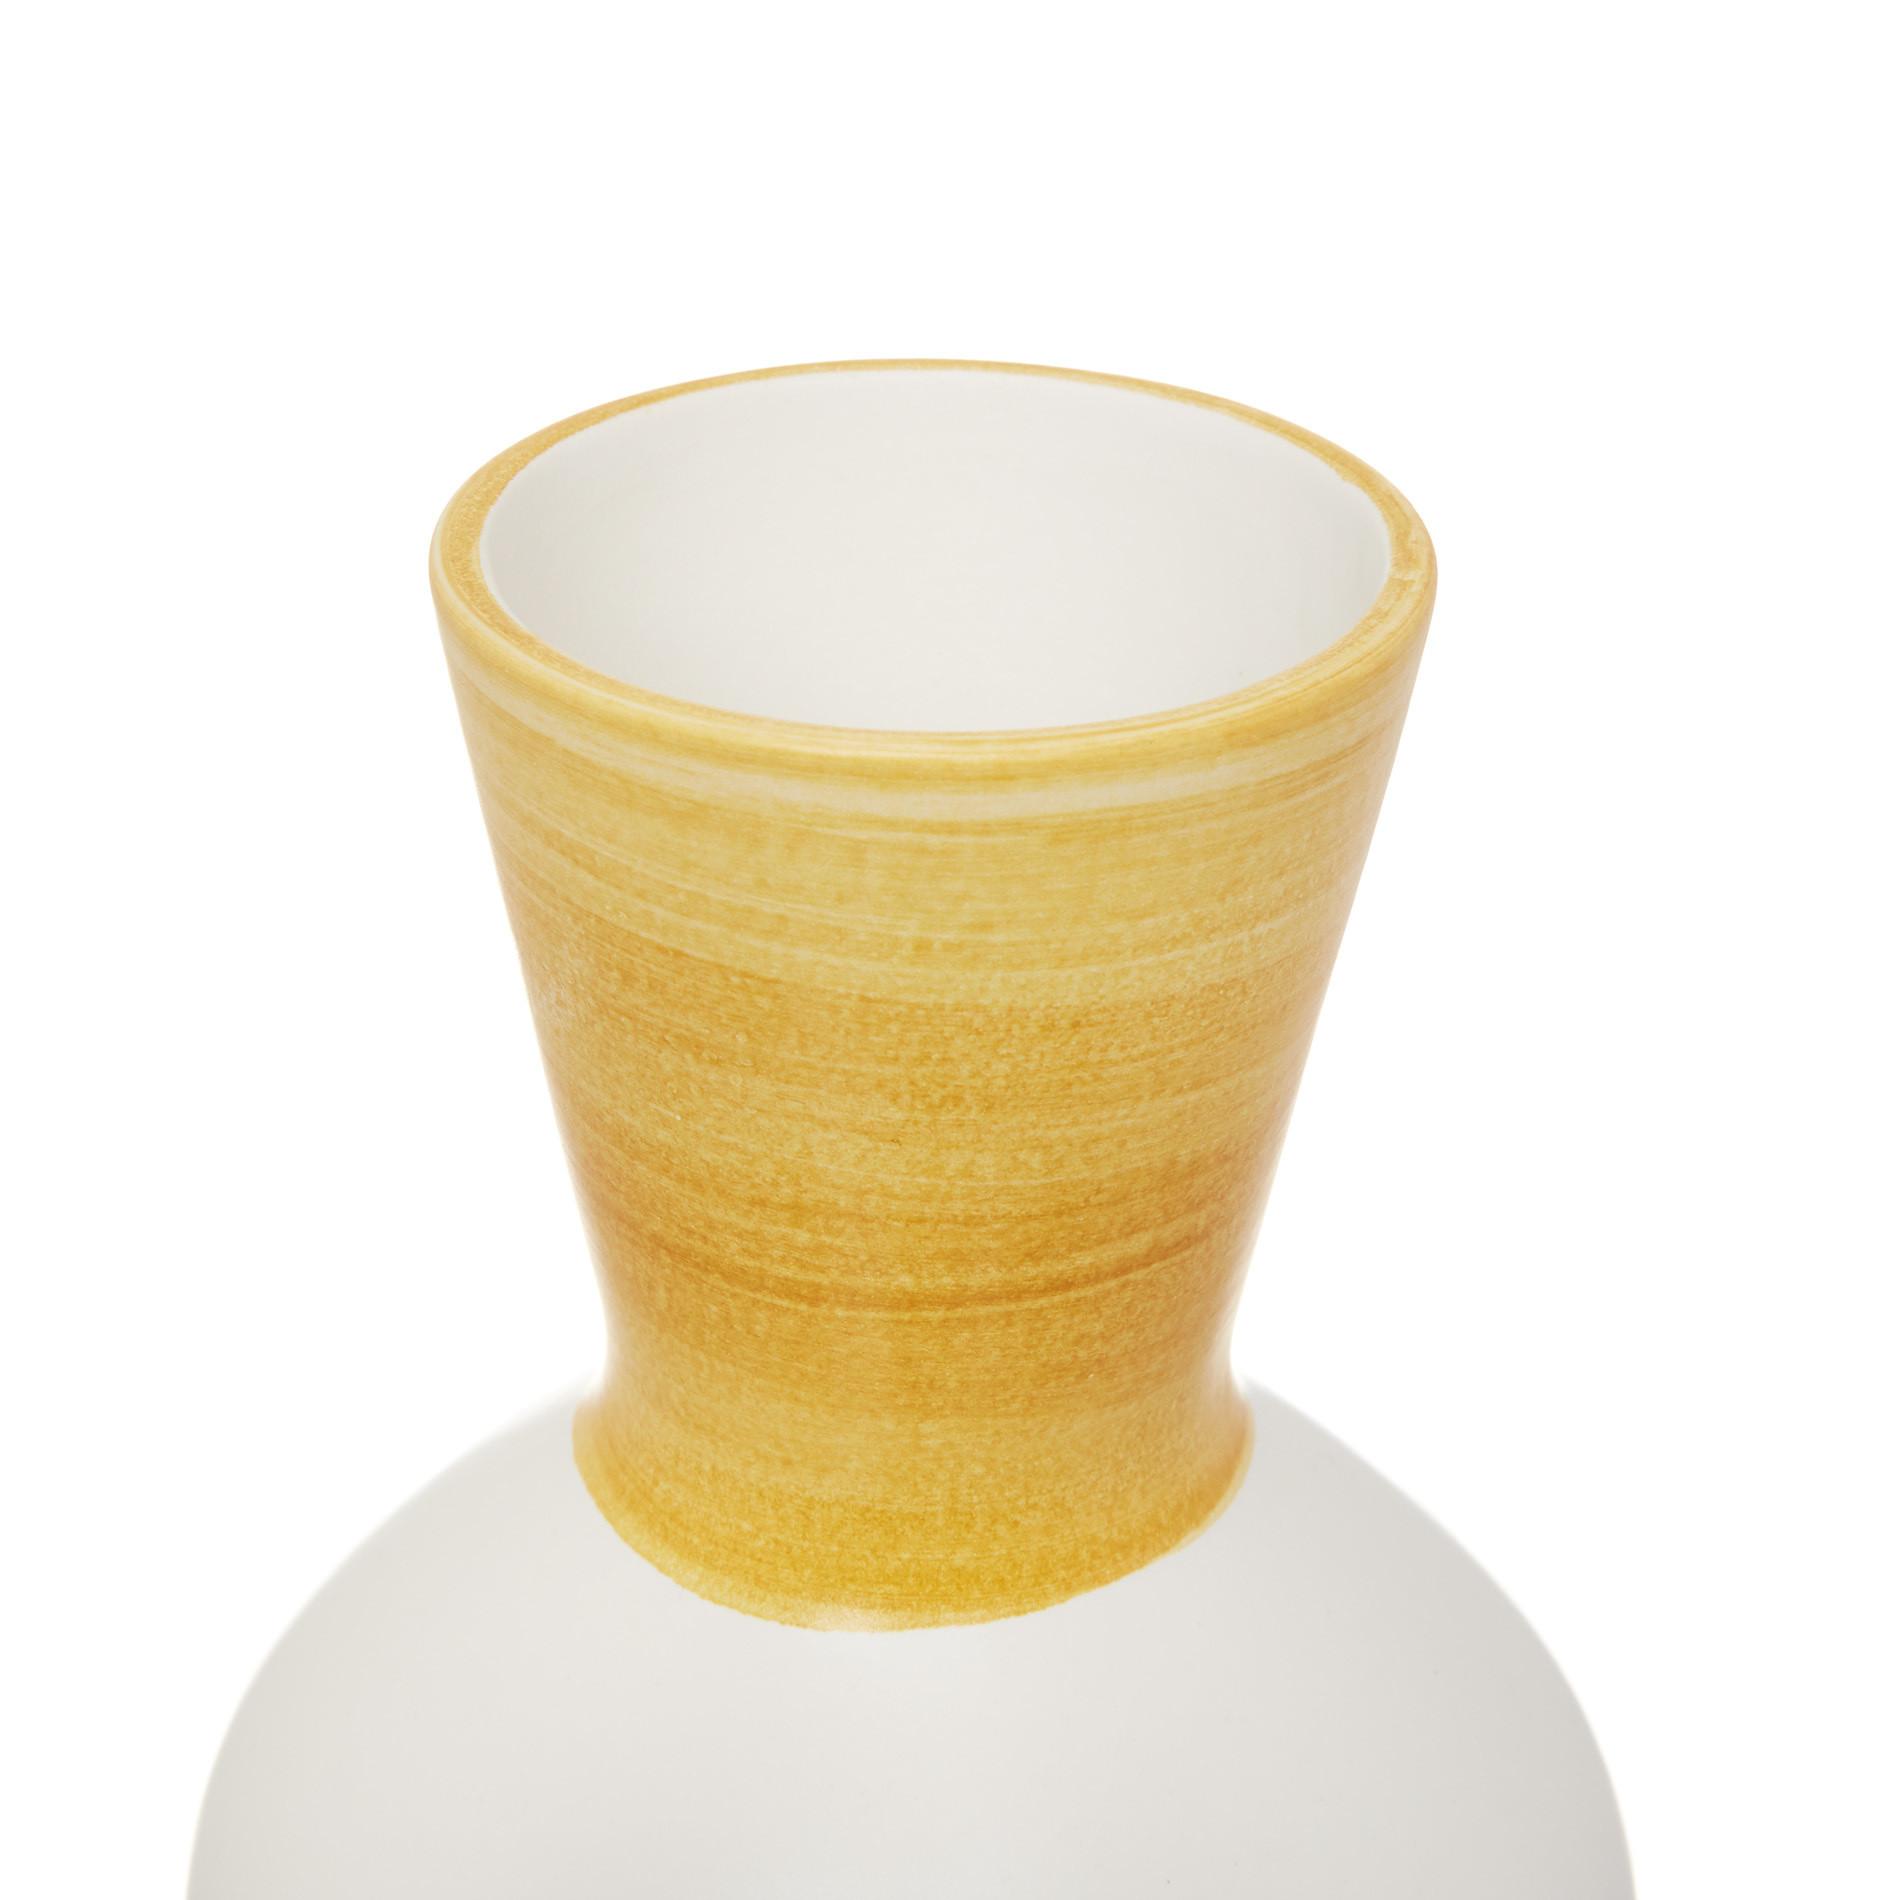 Vaso ceramica artigianale, Bianco, large image number 1